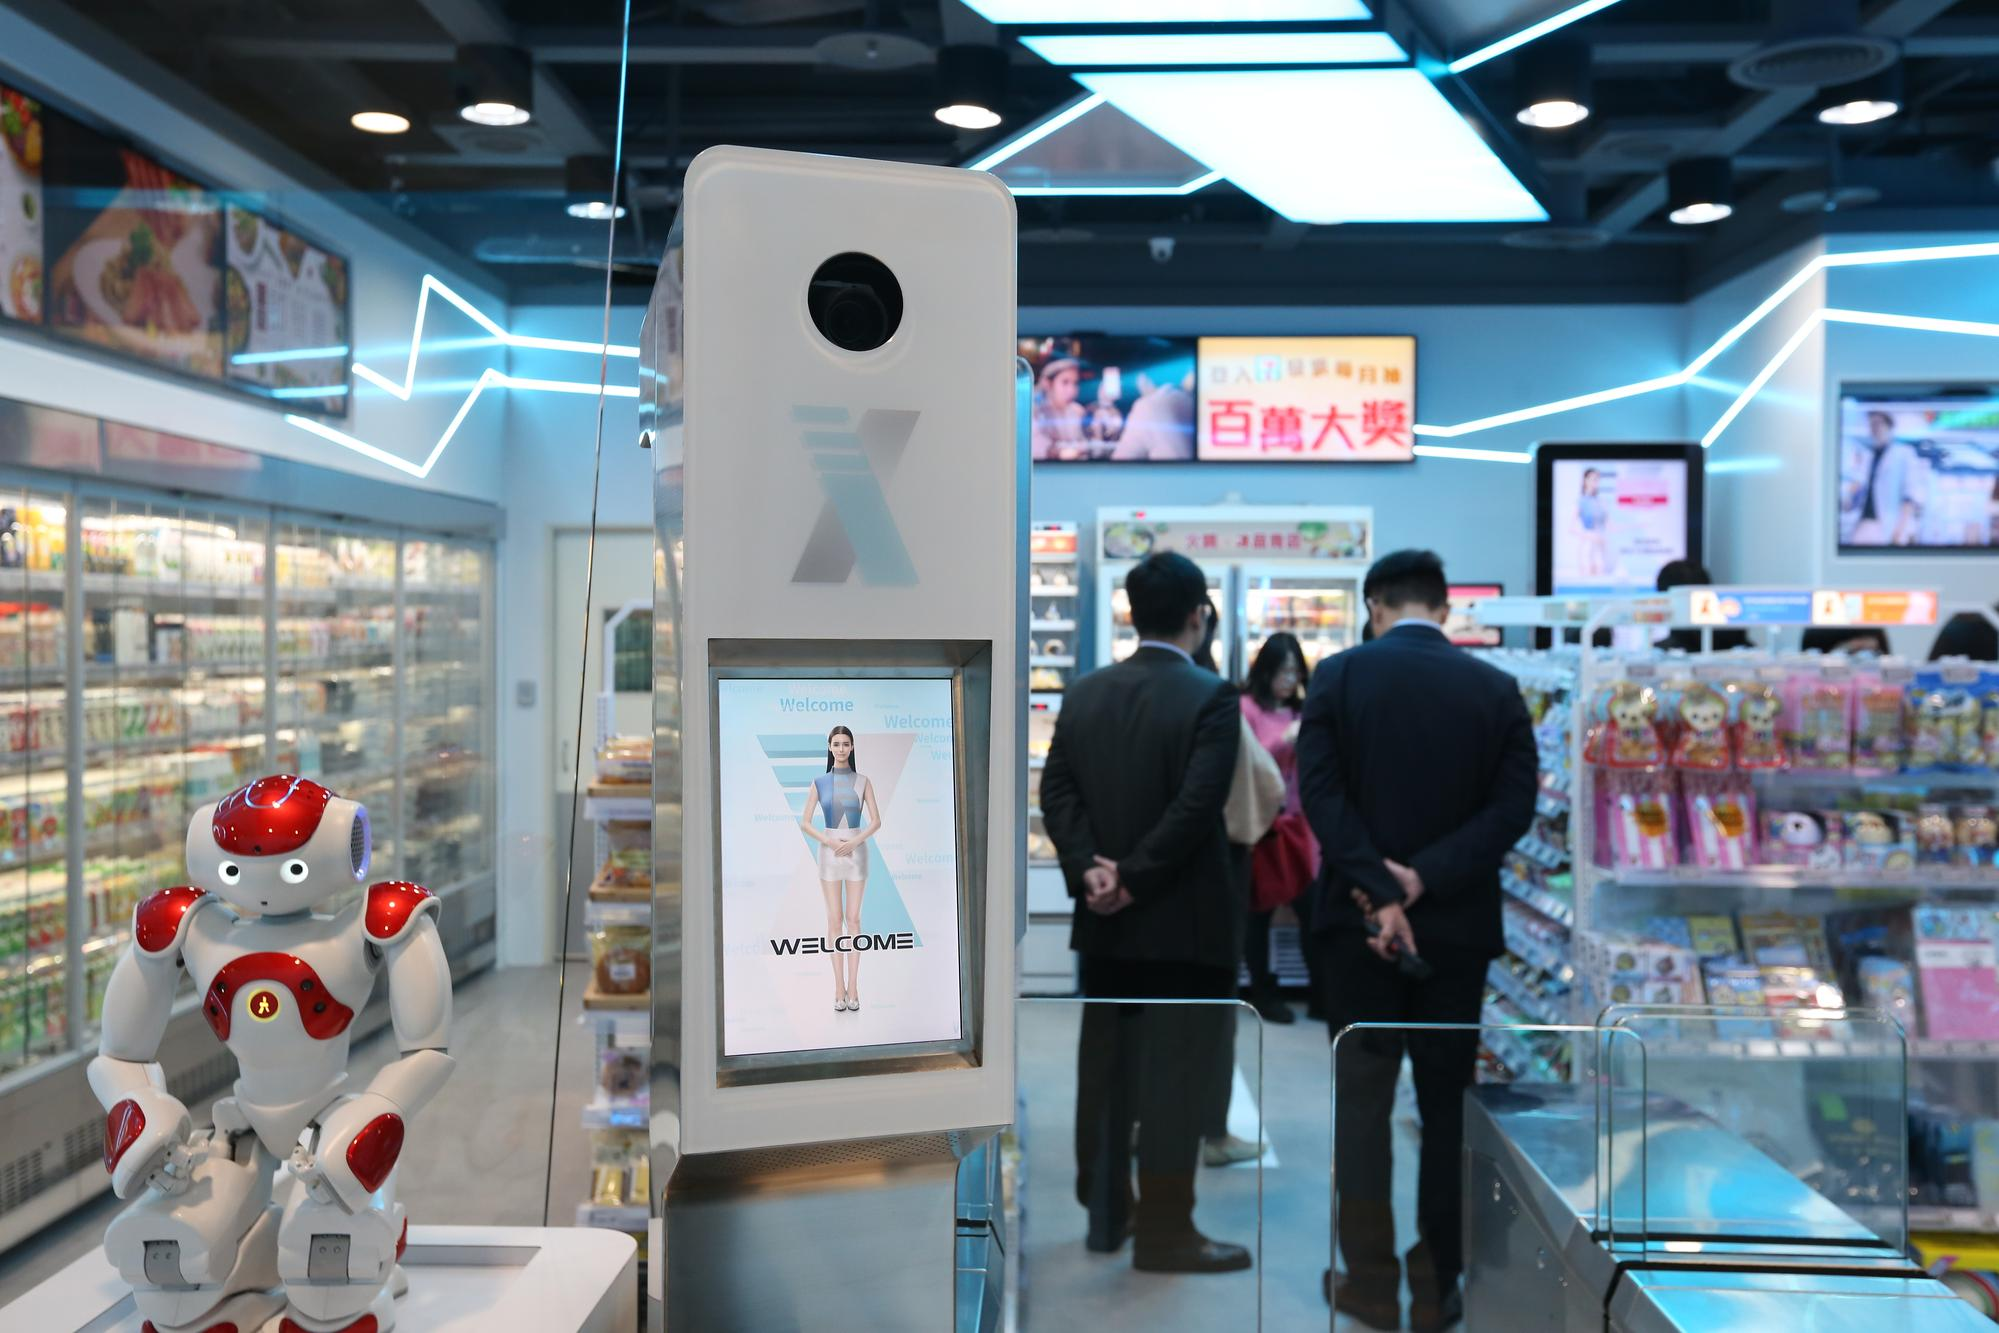 「無人商店」的圖片搜尋結果